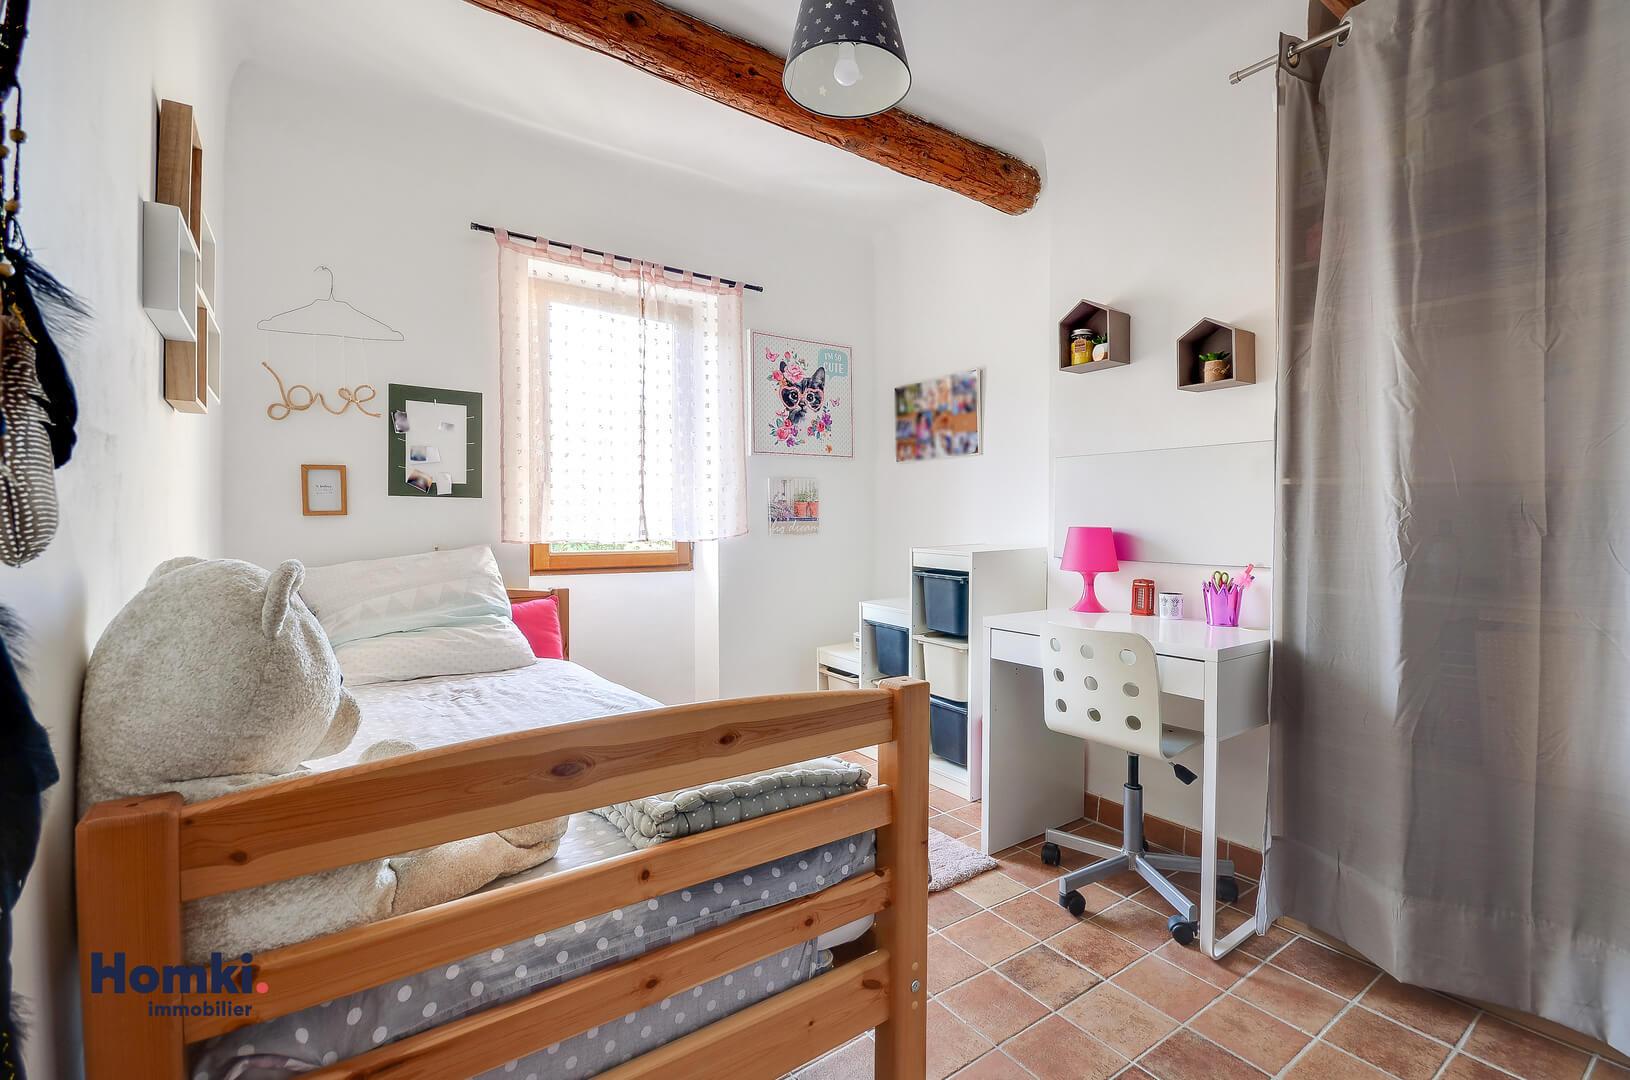 Vente Maison 70 m² T3 13290 Aix en Provence_9